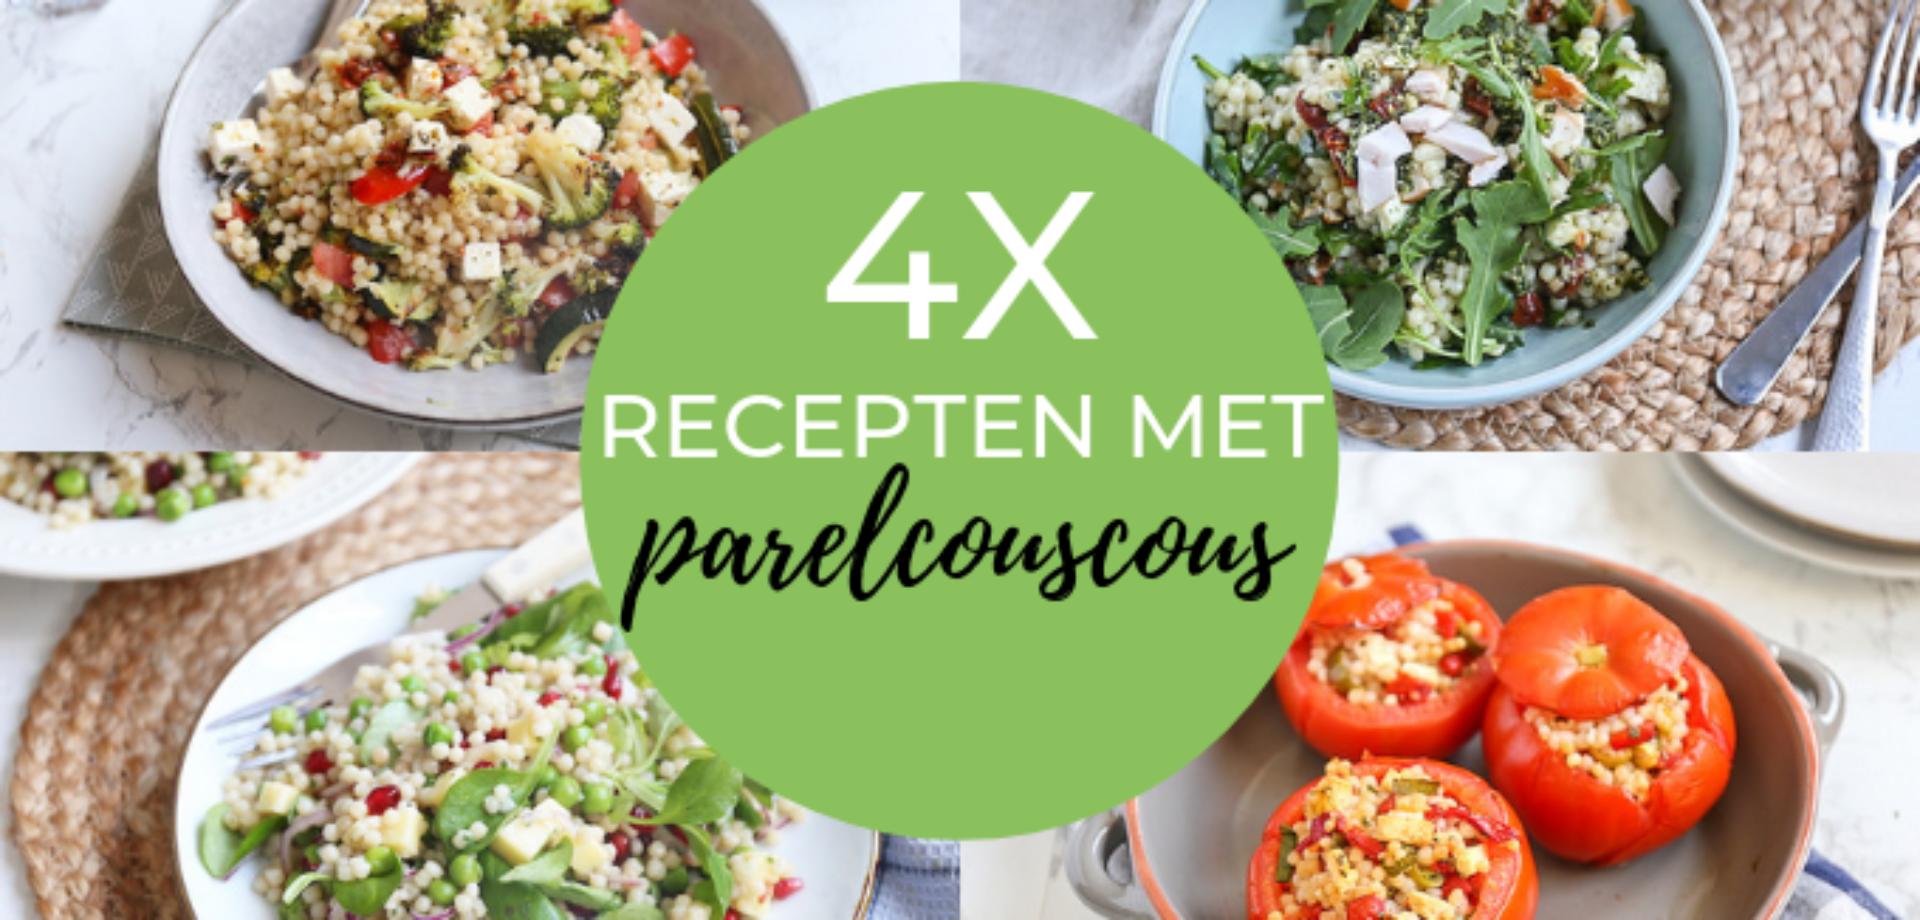 4x recepten met parelcouscous